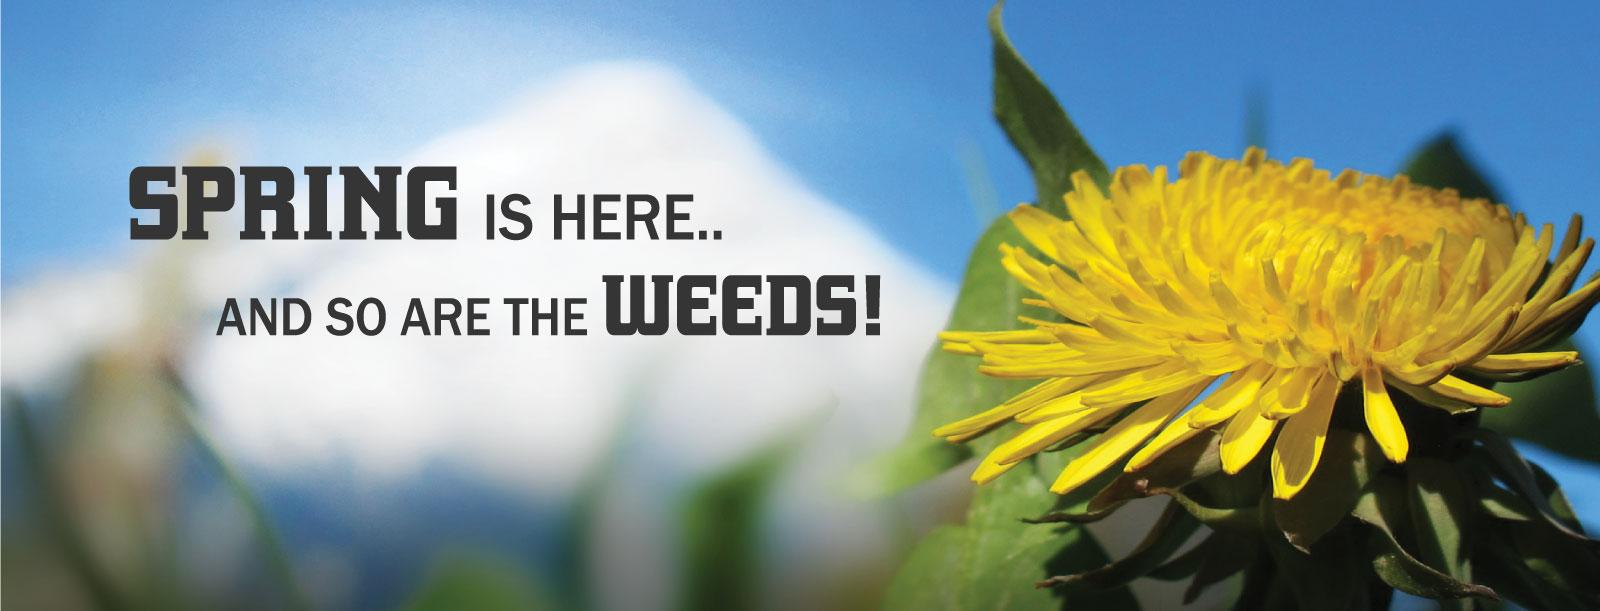 406 weed control slide 1